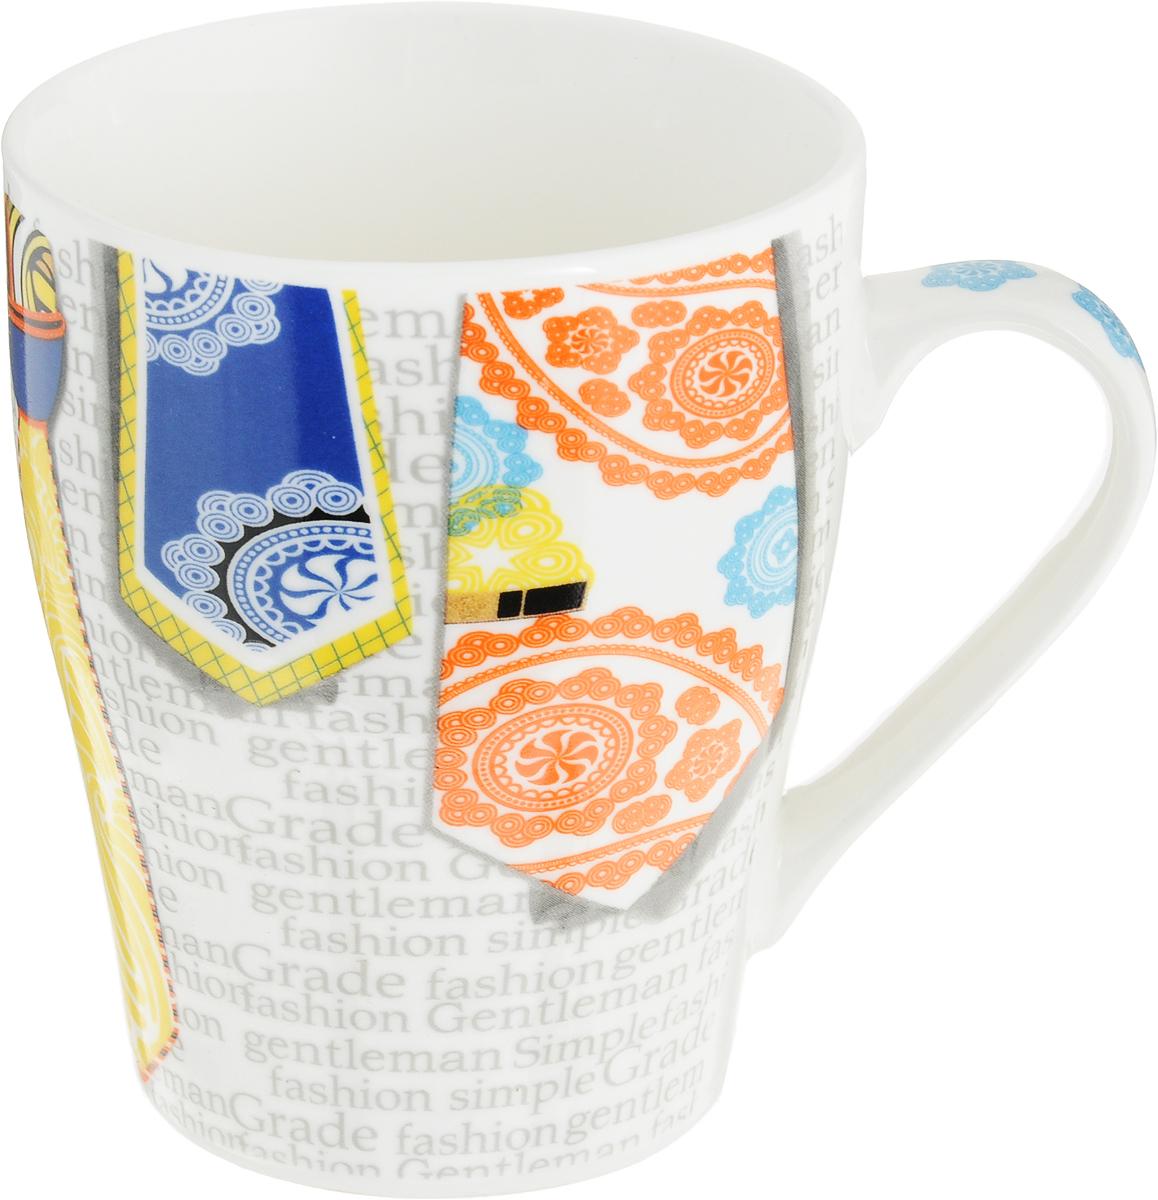 Кружка Loraine Галстук, цвет: желтый, белый, оранжевый, 340 мл24461_желтый, белый, оранжевыйОригинальная кружка Loraine Галстук выполнена из высококачественного костяного фарфора и оформлена красочным принтом. Она станет отличным дополнением к сервировке семейного стола и замечательным подарком для ваших родных и друзей.Диаметр кружки (по верхнему краю): 8,5 см.Высота кружки: 10 см.